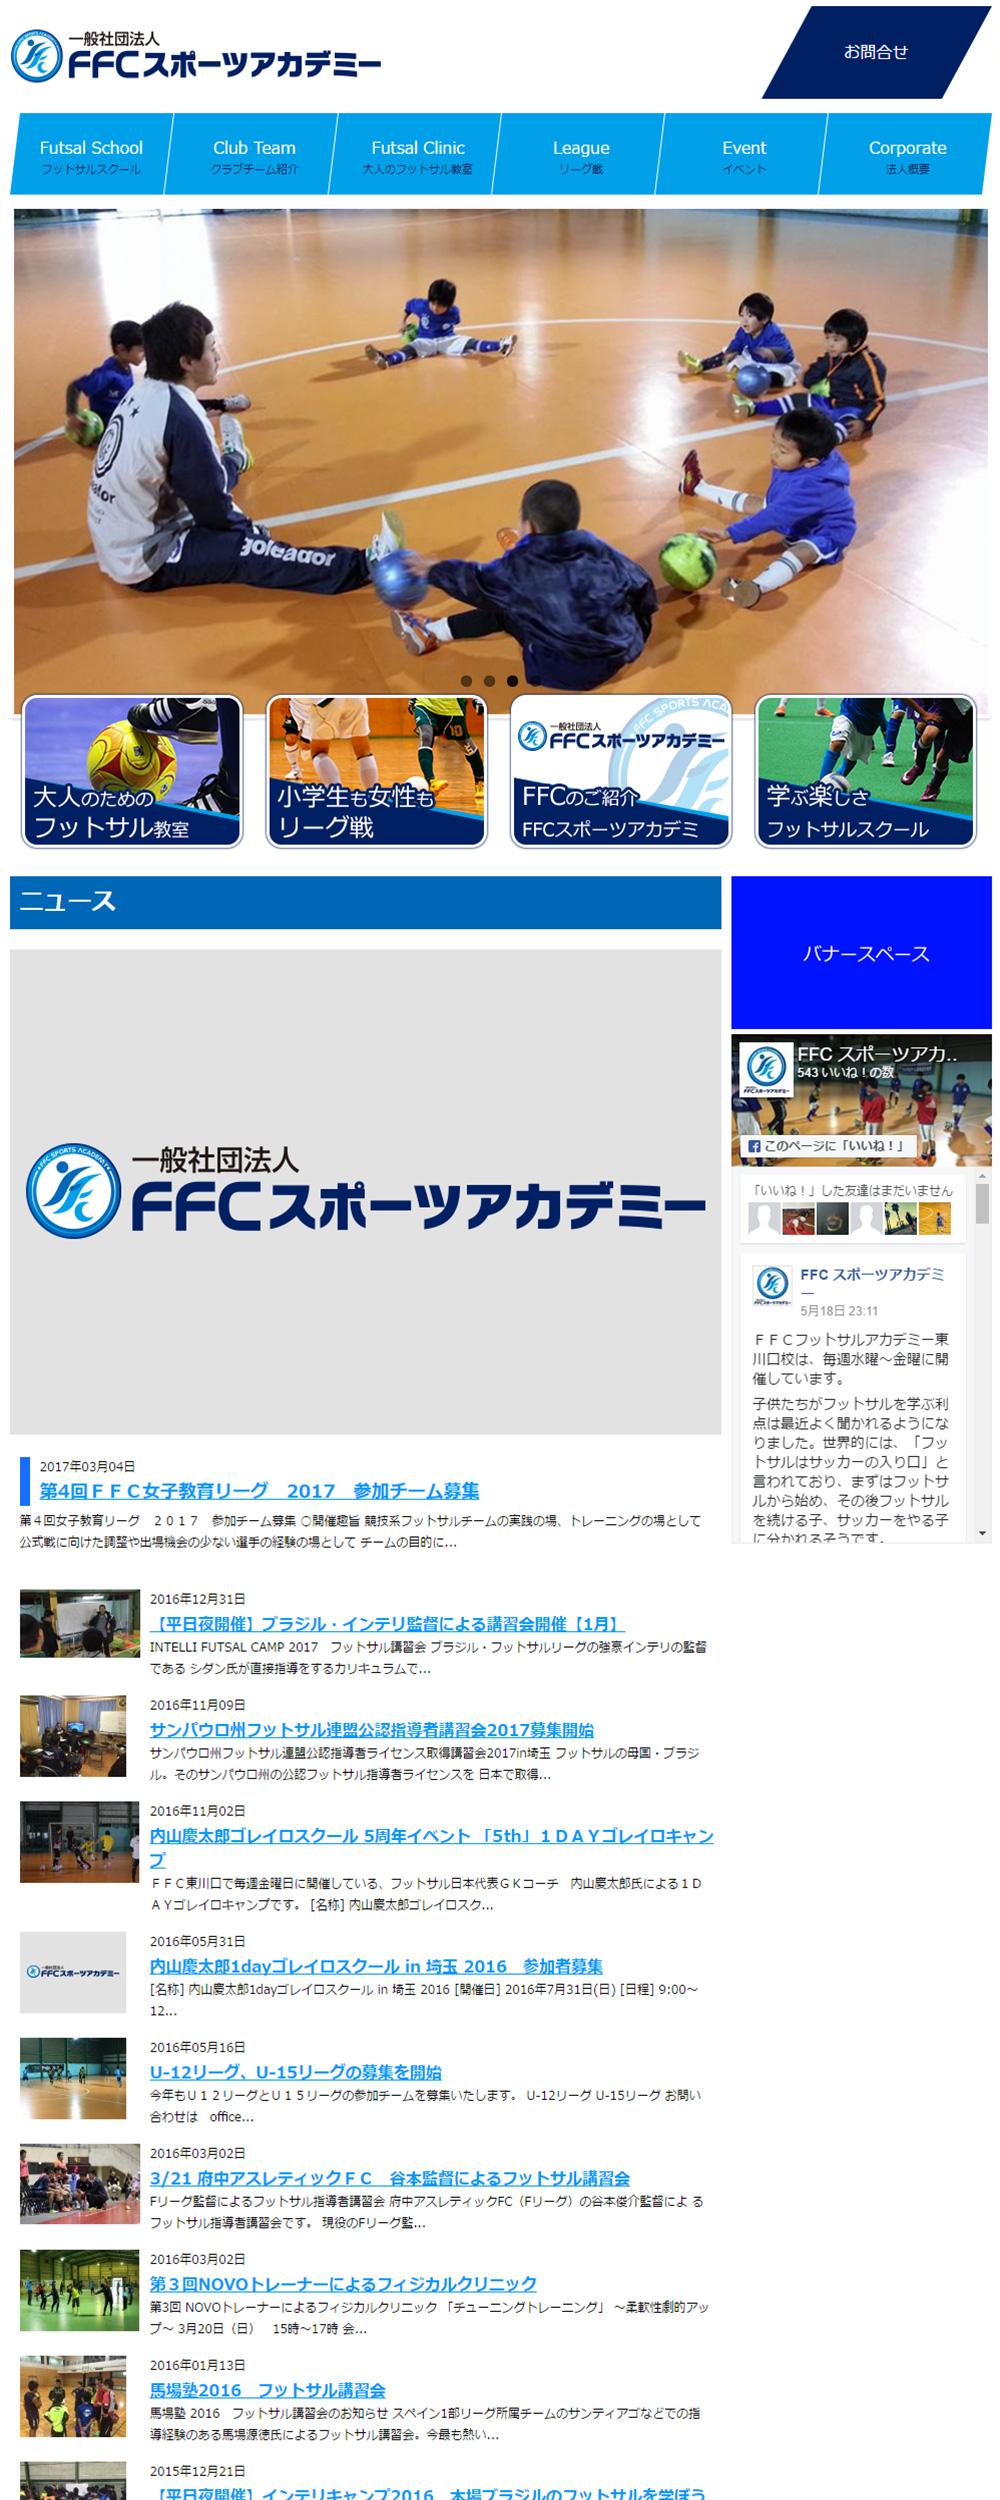 一般社団法人 FFCスポーツ